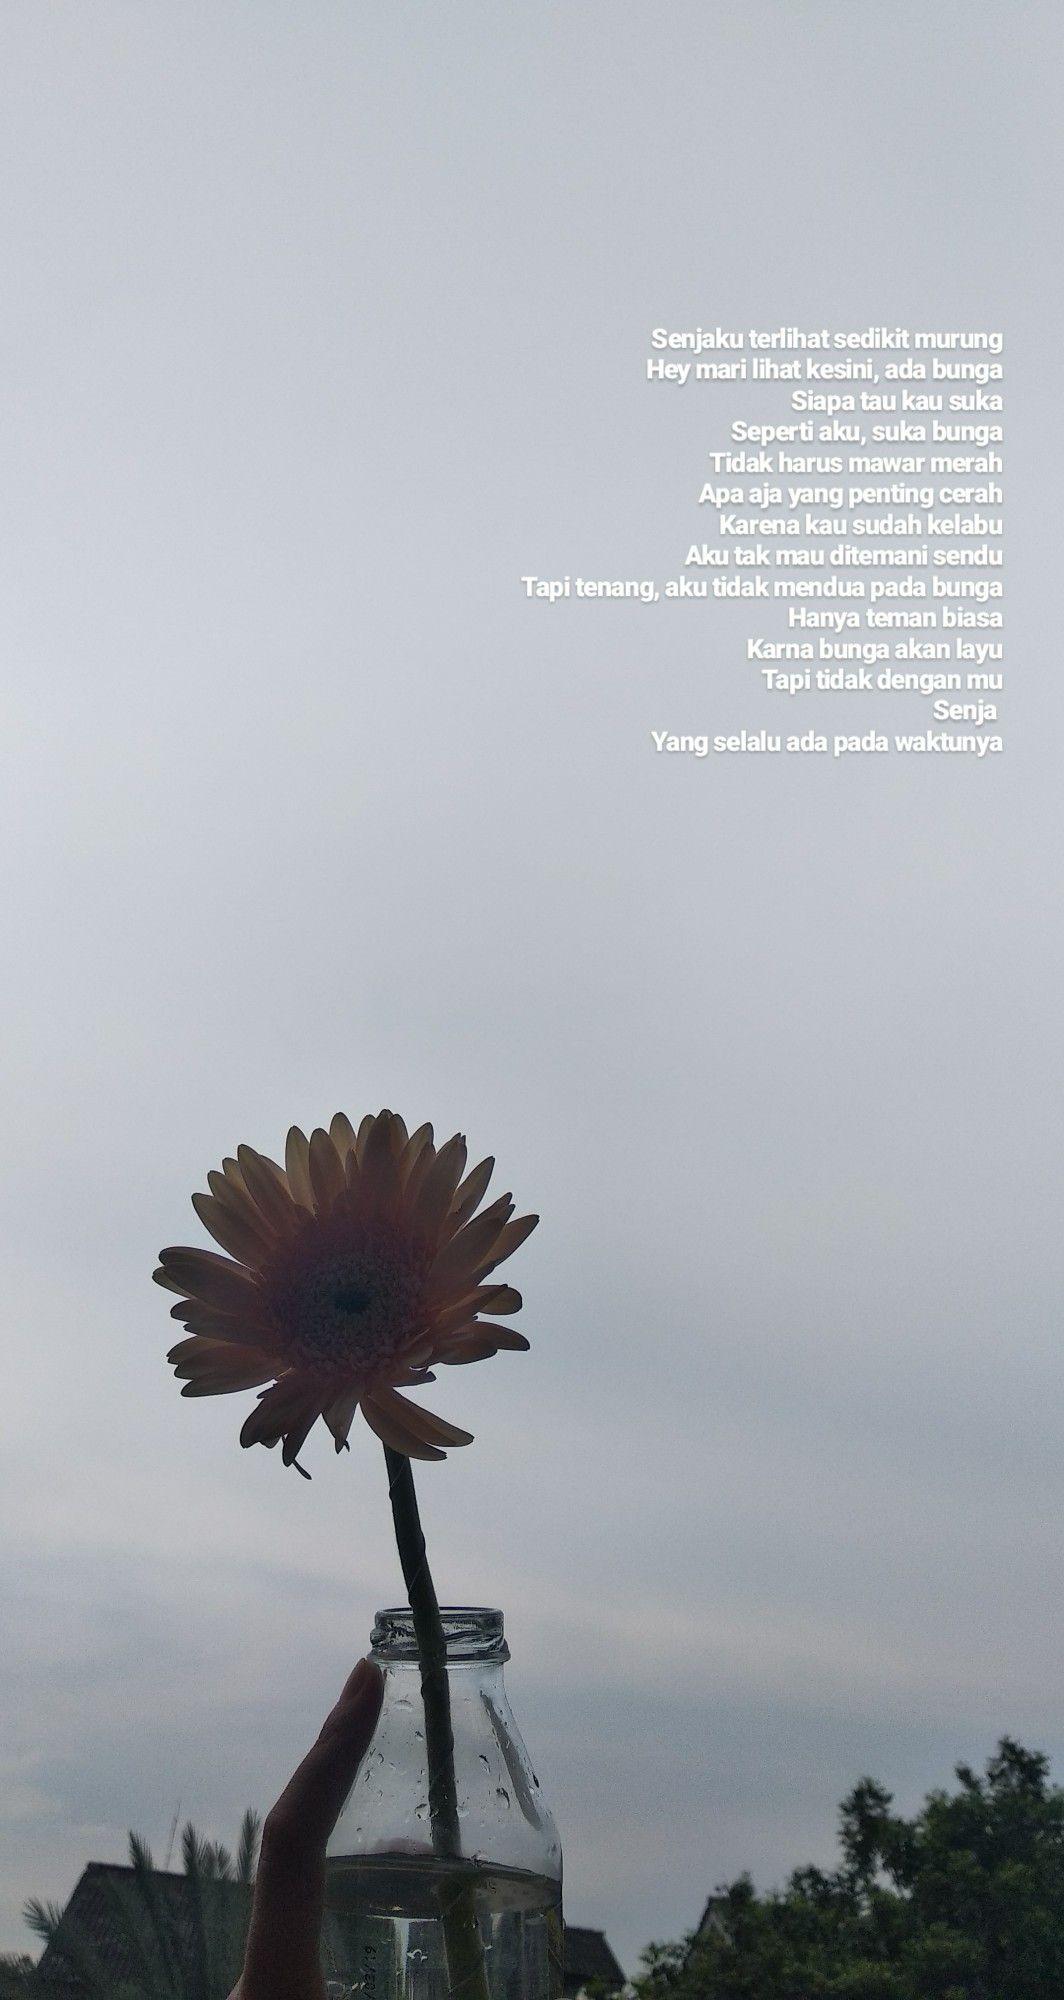 quote sky inspiration flower bunga maui mawar